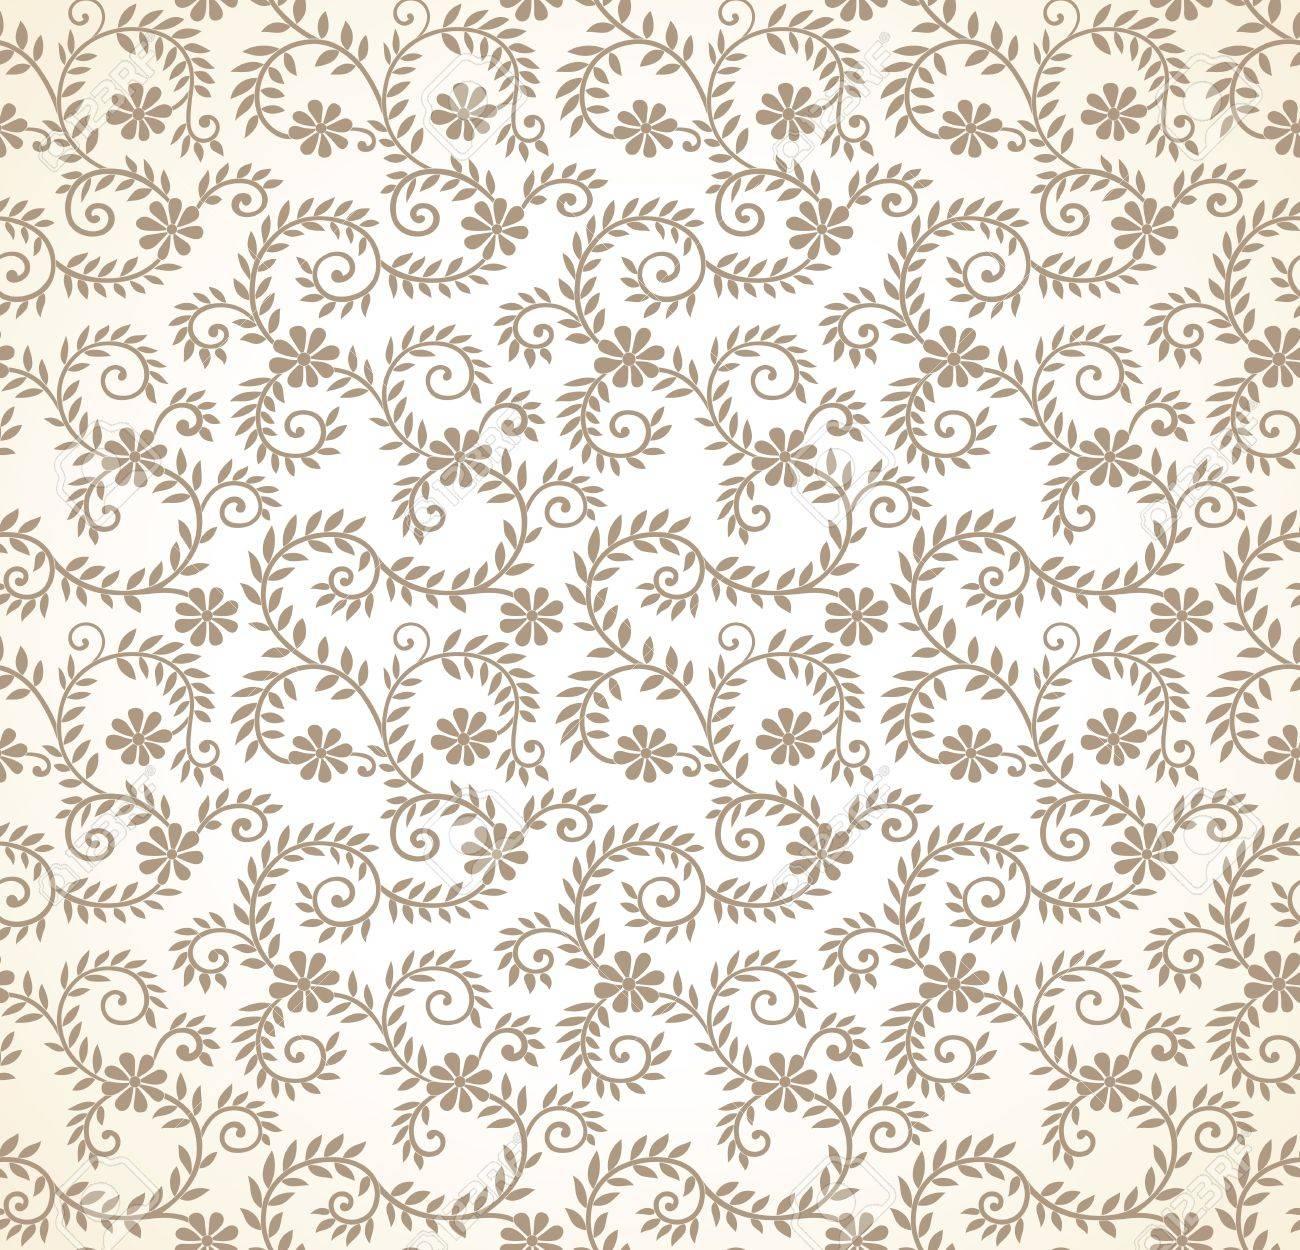 Seamless golden flourish vector wallpaper Stock Vector - 20874320